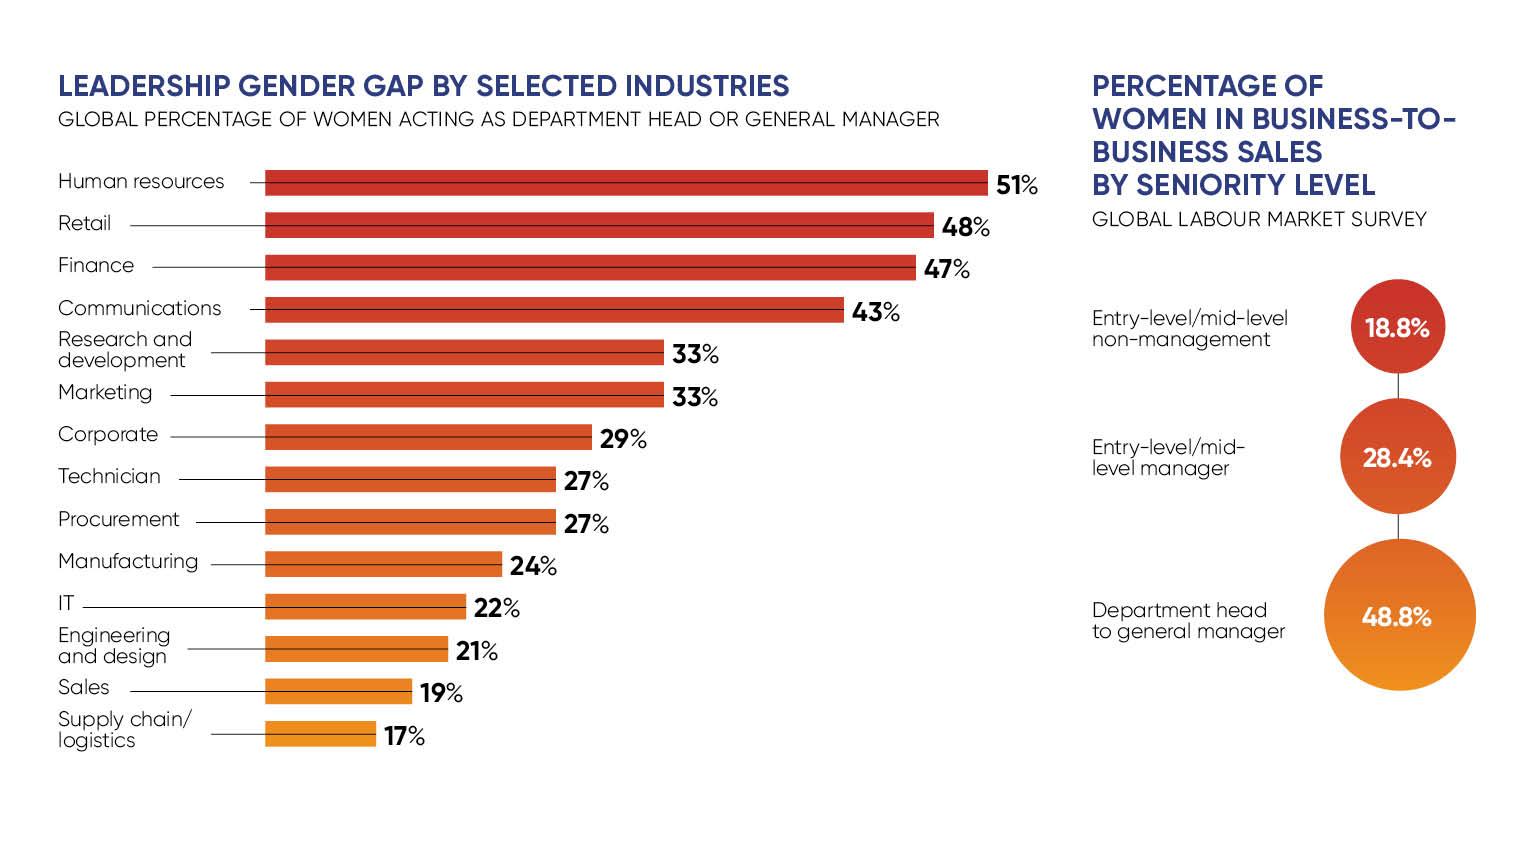 Gender gap in sales